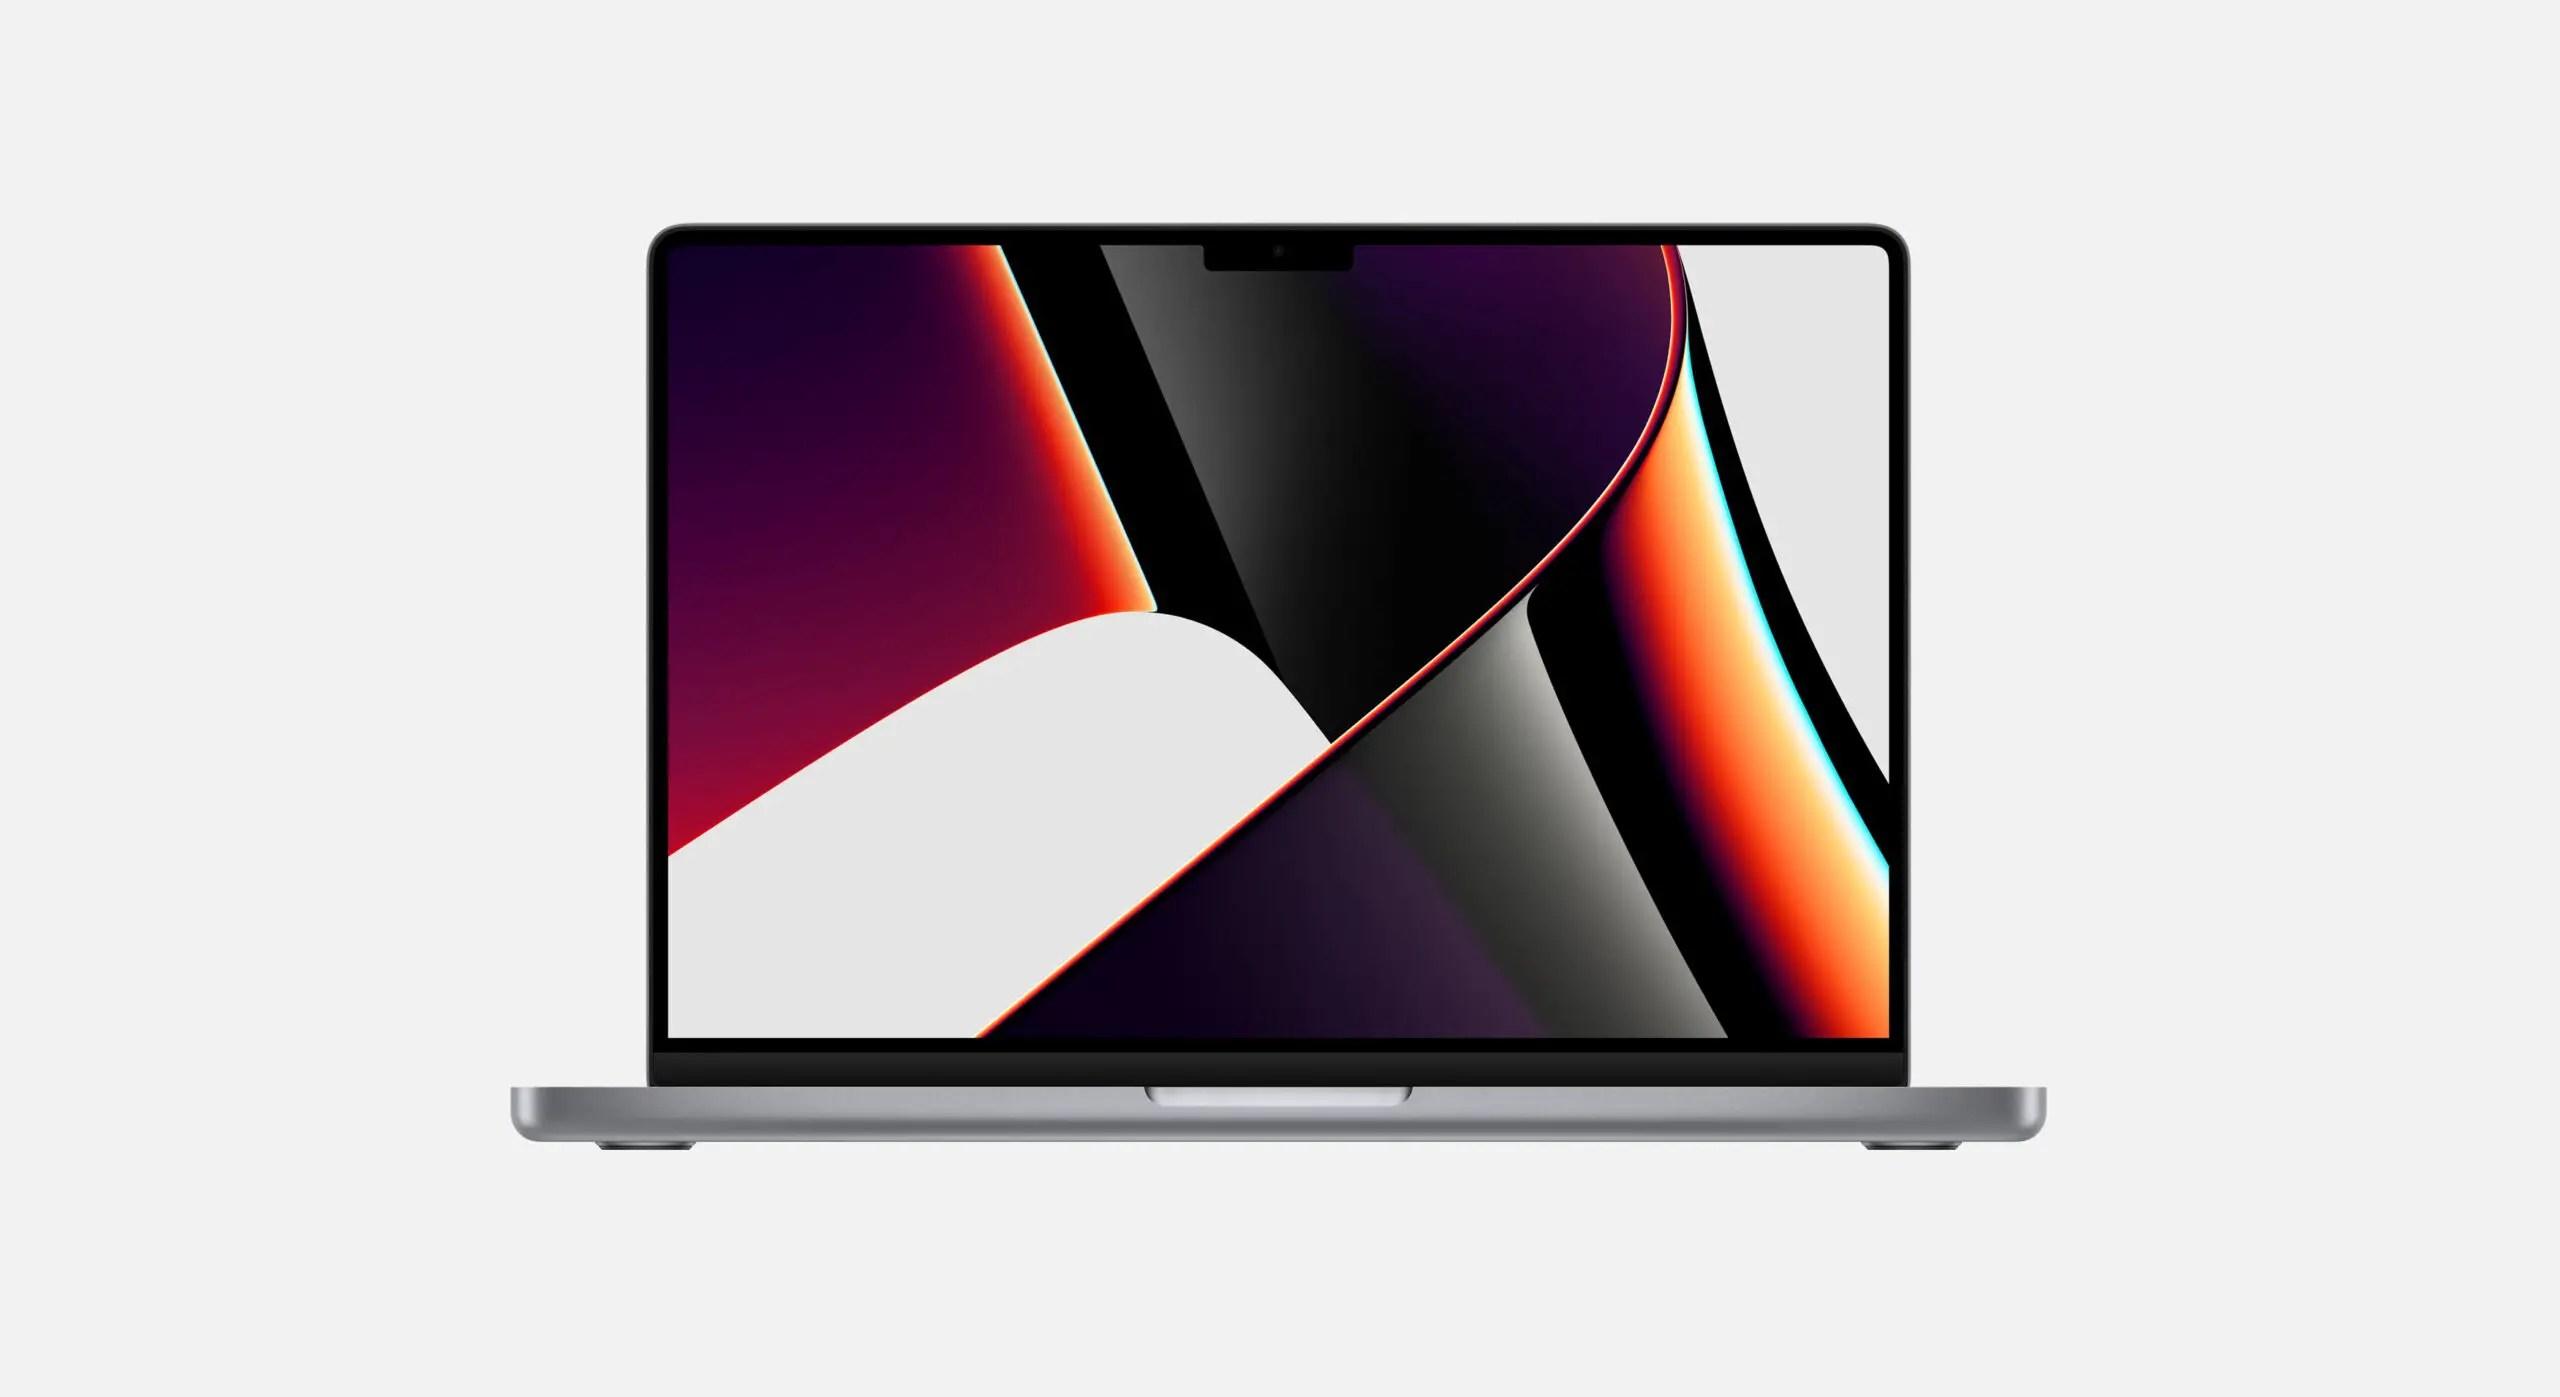 MacBook Pro 14-inch 2021